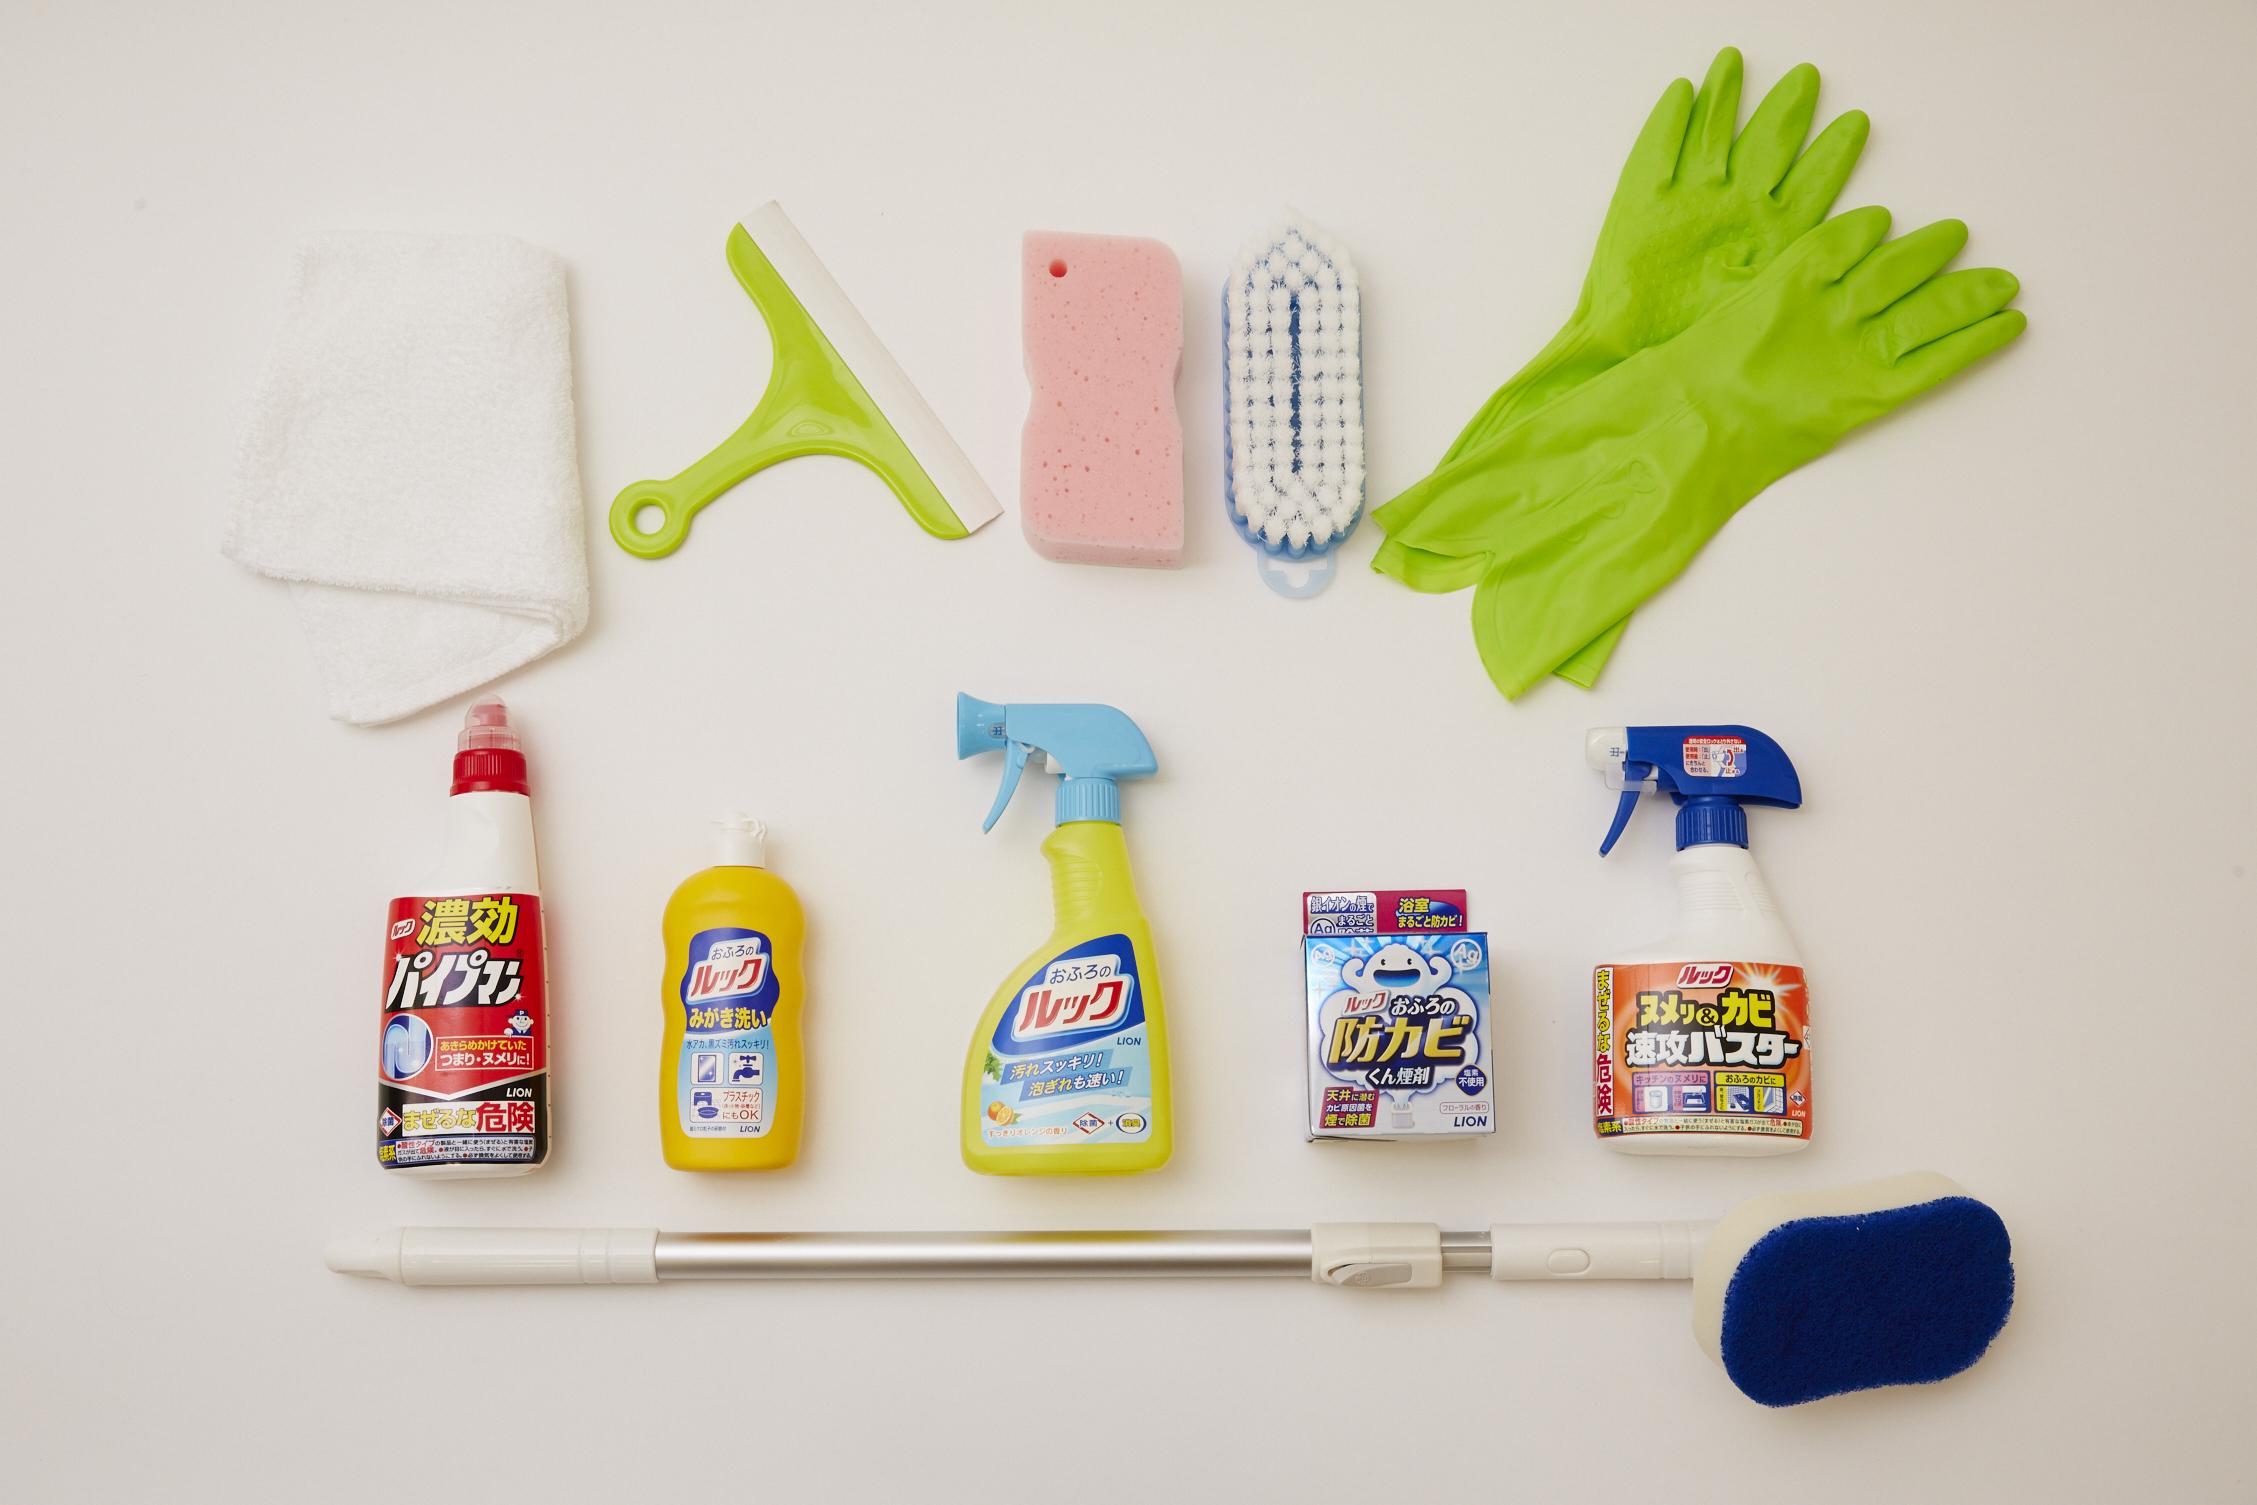 大掃除に大活躍!? 機能的なだけじゃないオススメの掃除道具のサムネイル画像